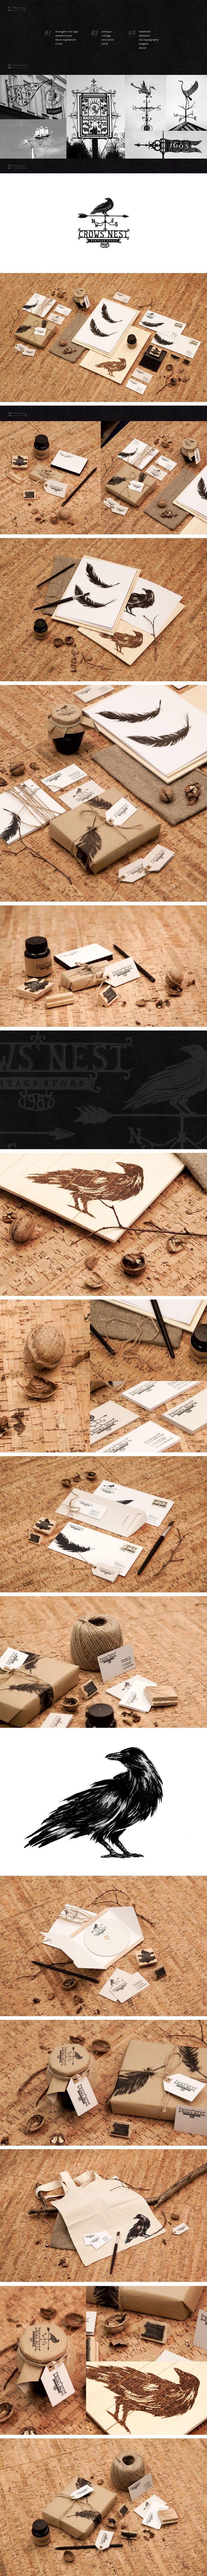 Crows' Nest  Фирменный стиль © Павел Емельянов